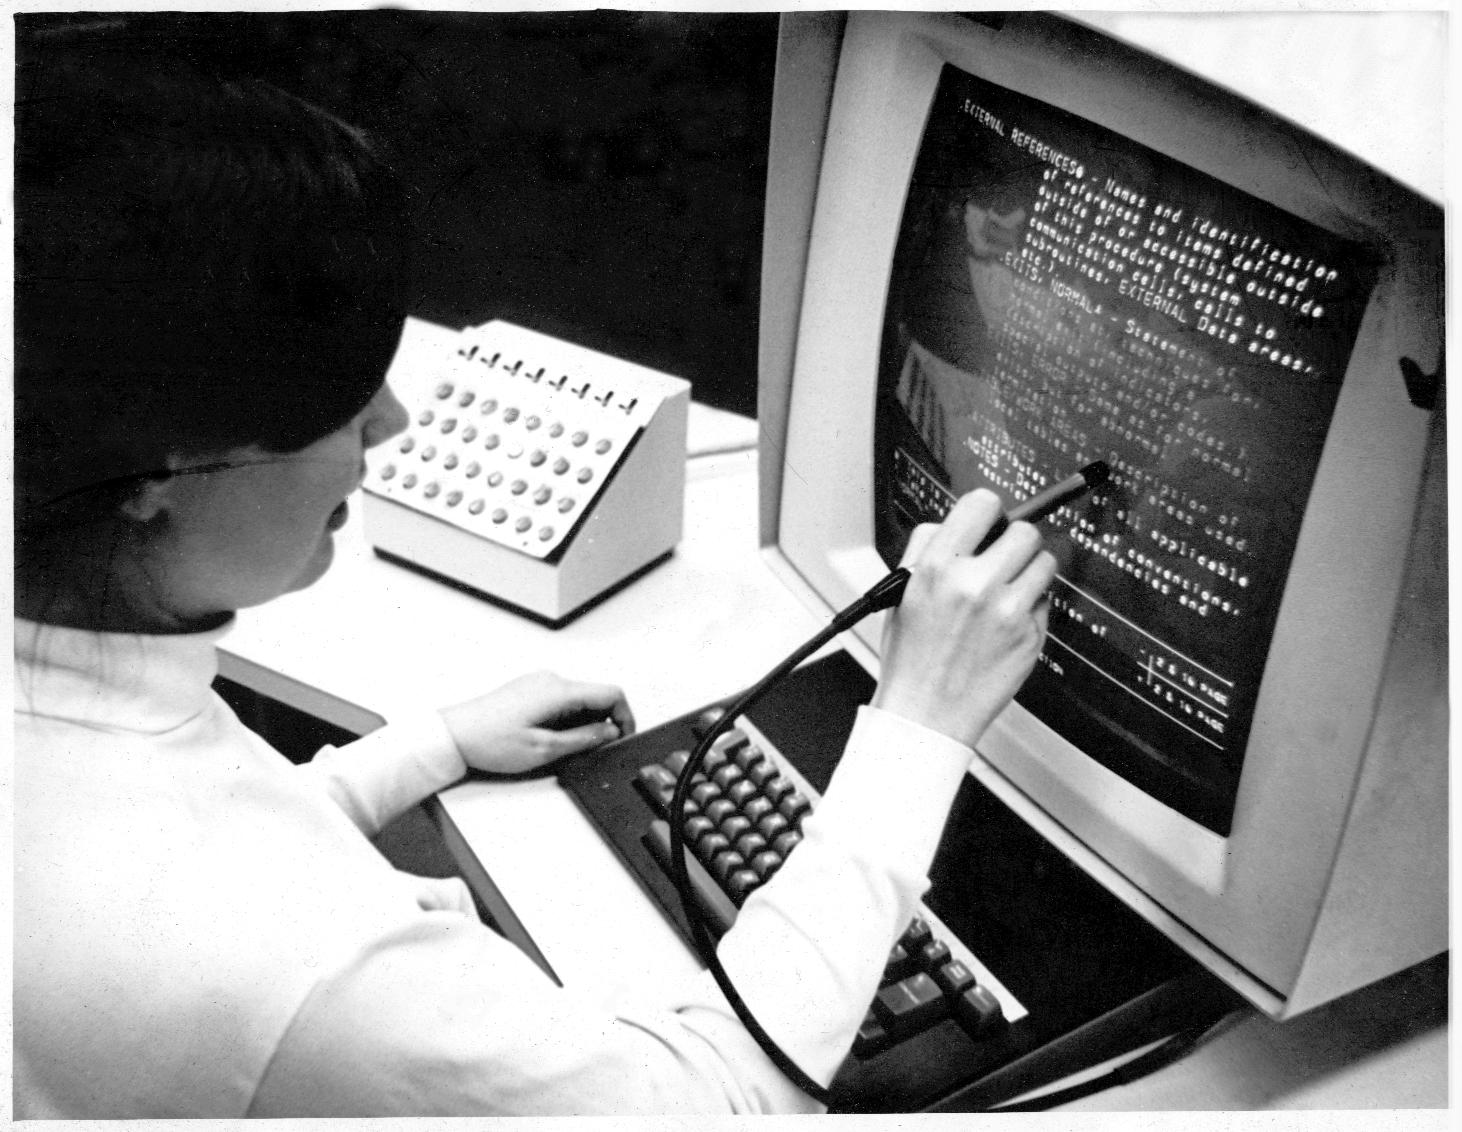 bináris opciók határokkal kereset az interneten napi fizetéssel